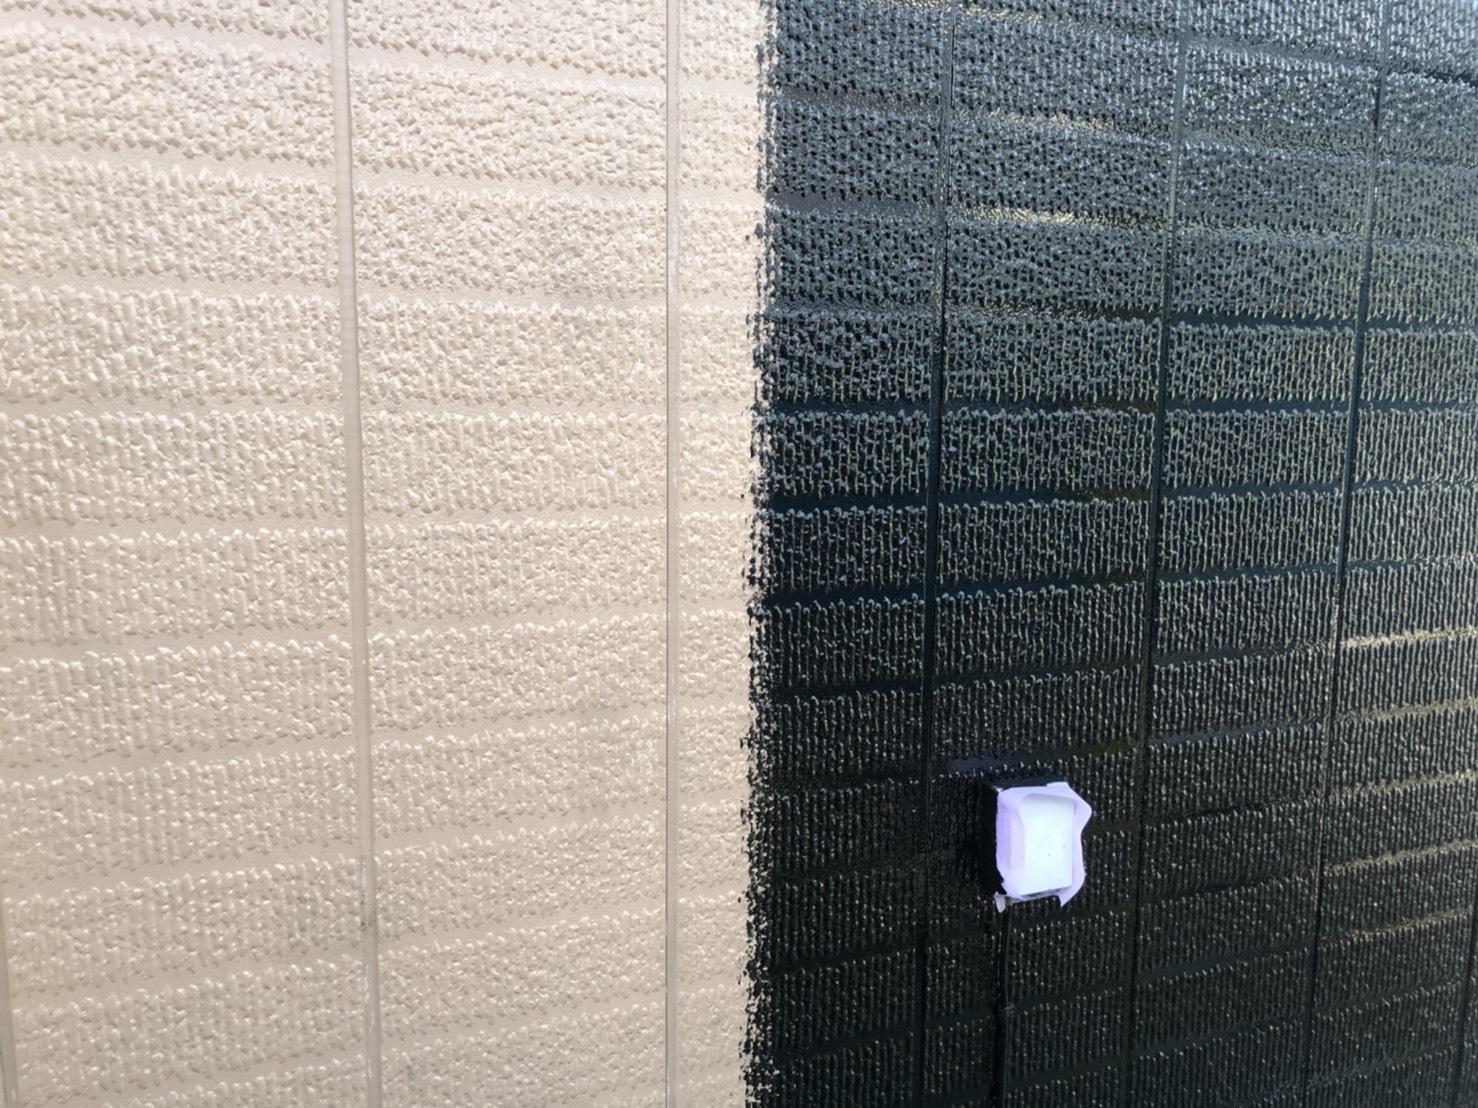 神奈川県横浜市保土ケ谷区 外壁塗装 中塗り 上塗り 光触媒塗料 (1)